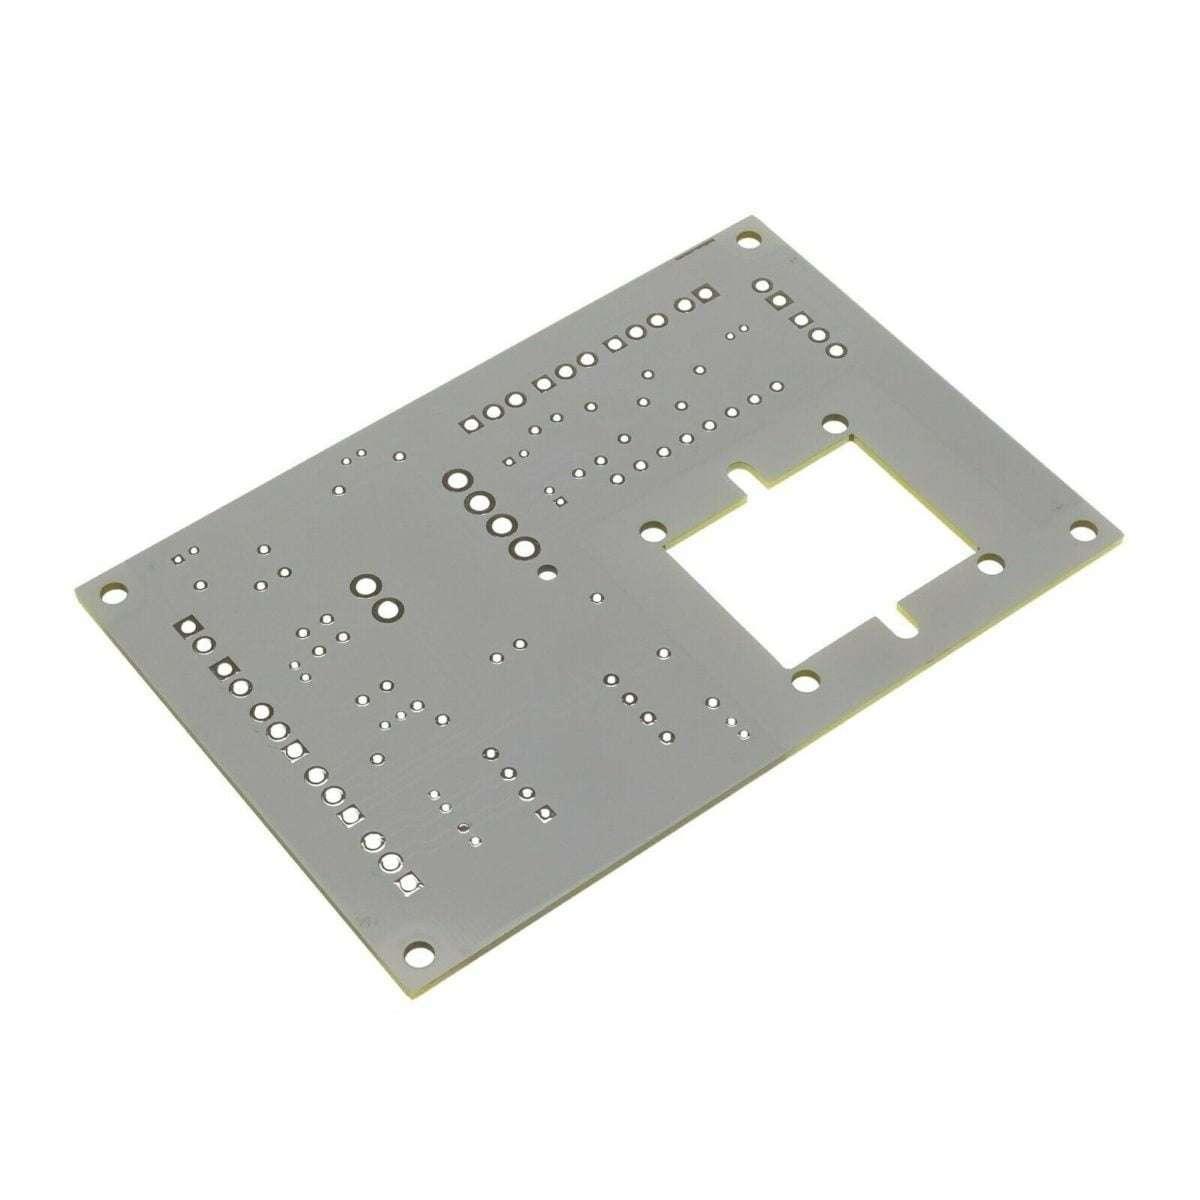 API 312 Clone Mic Preamp PCB w/DI Input